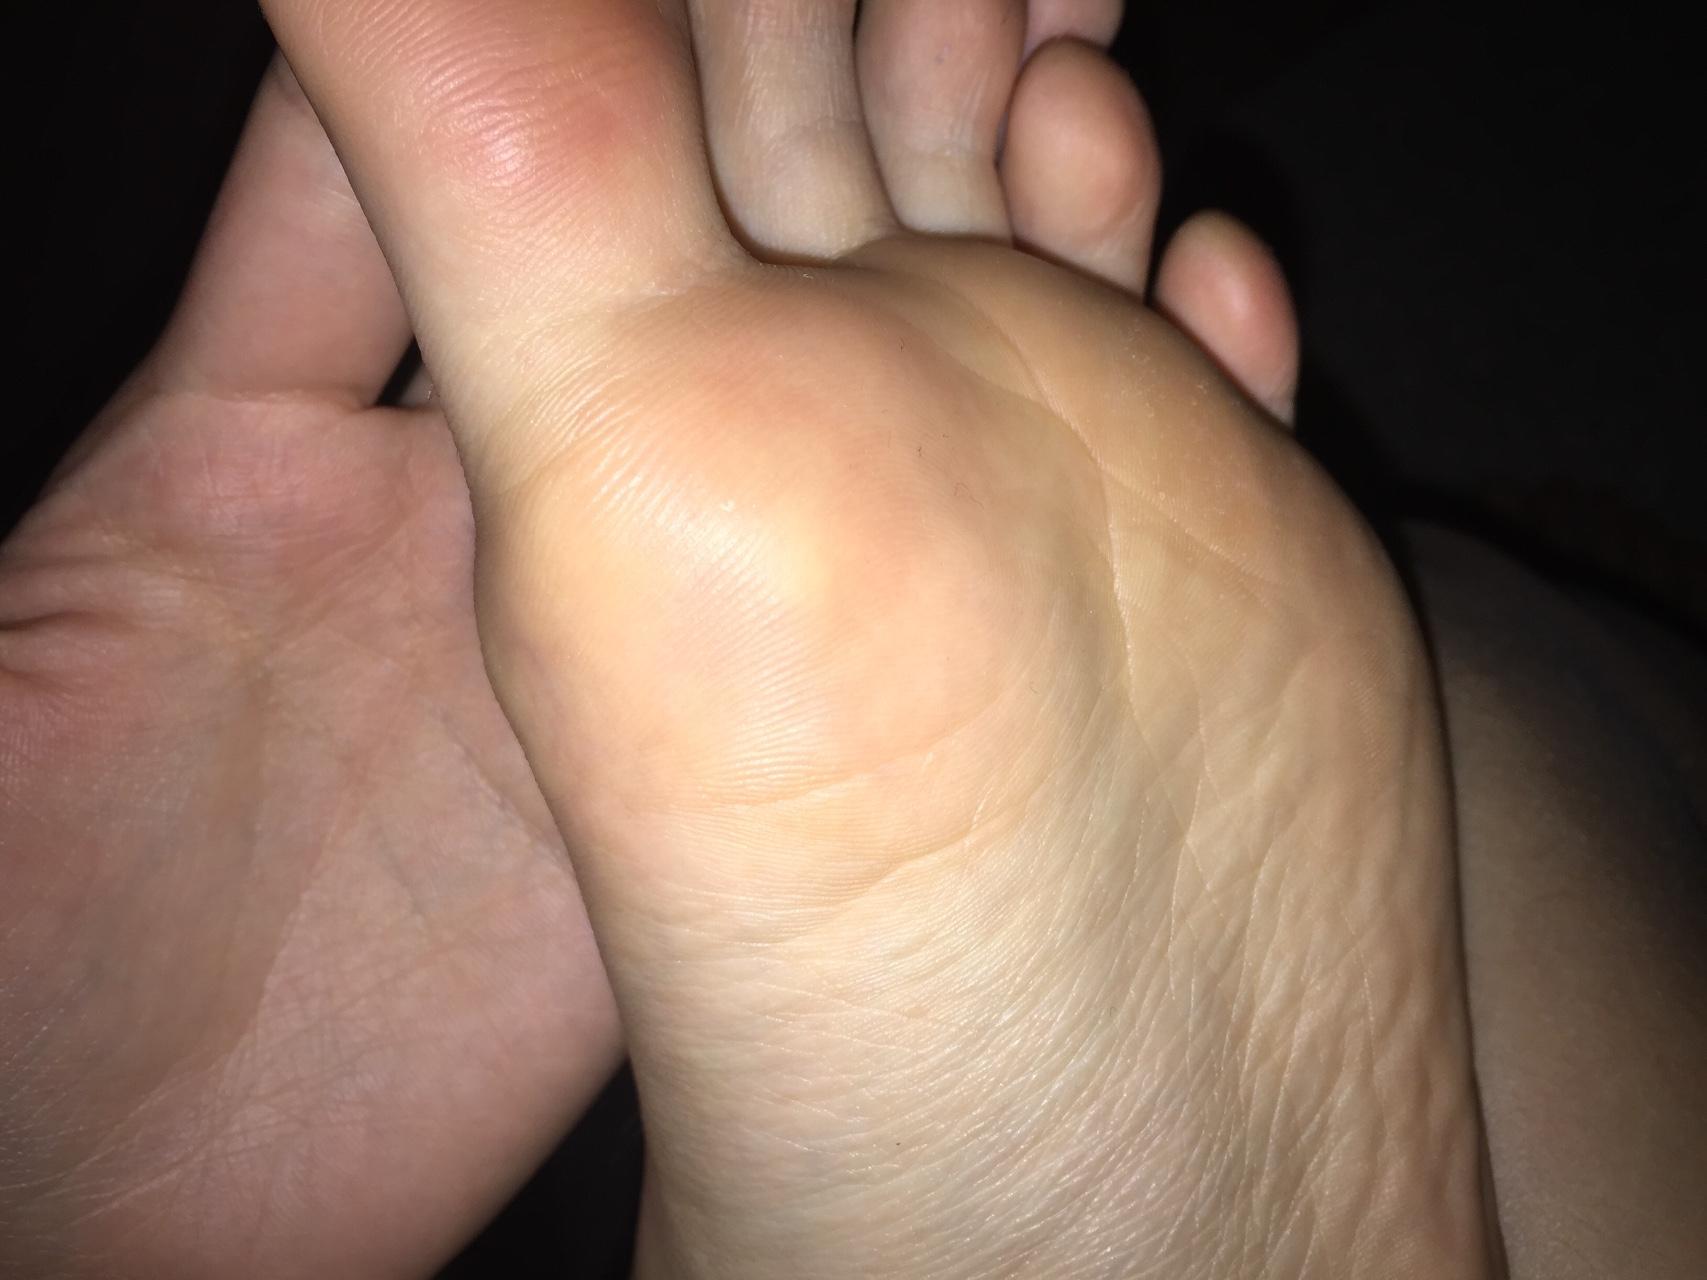 Шишка под большим пальцем ноги